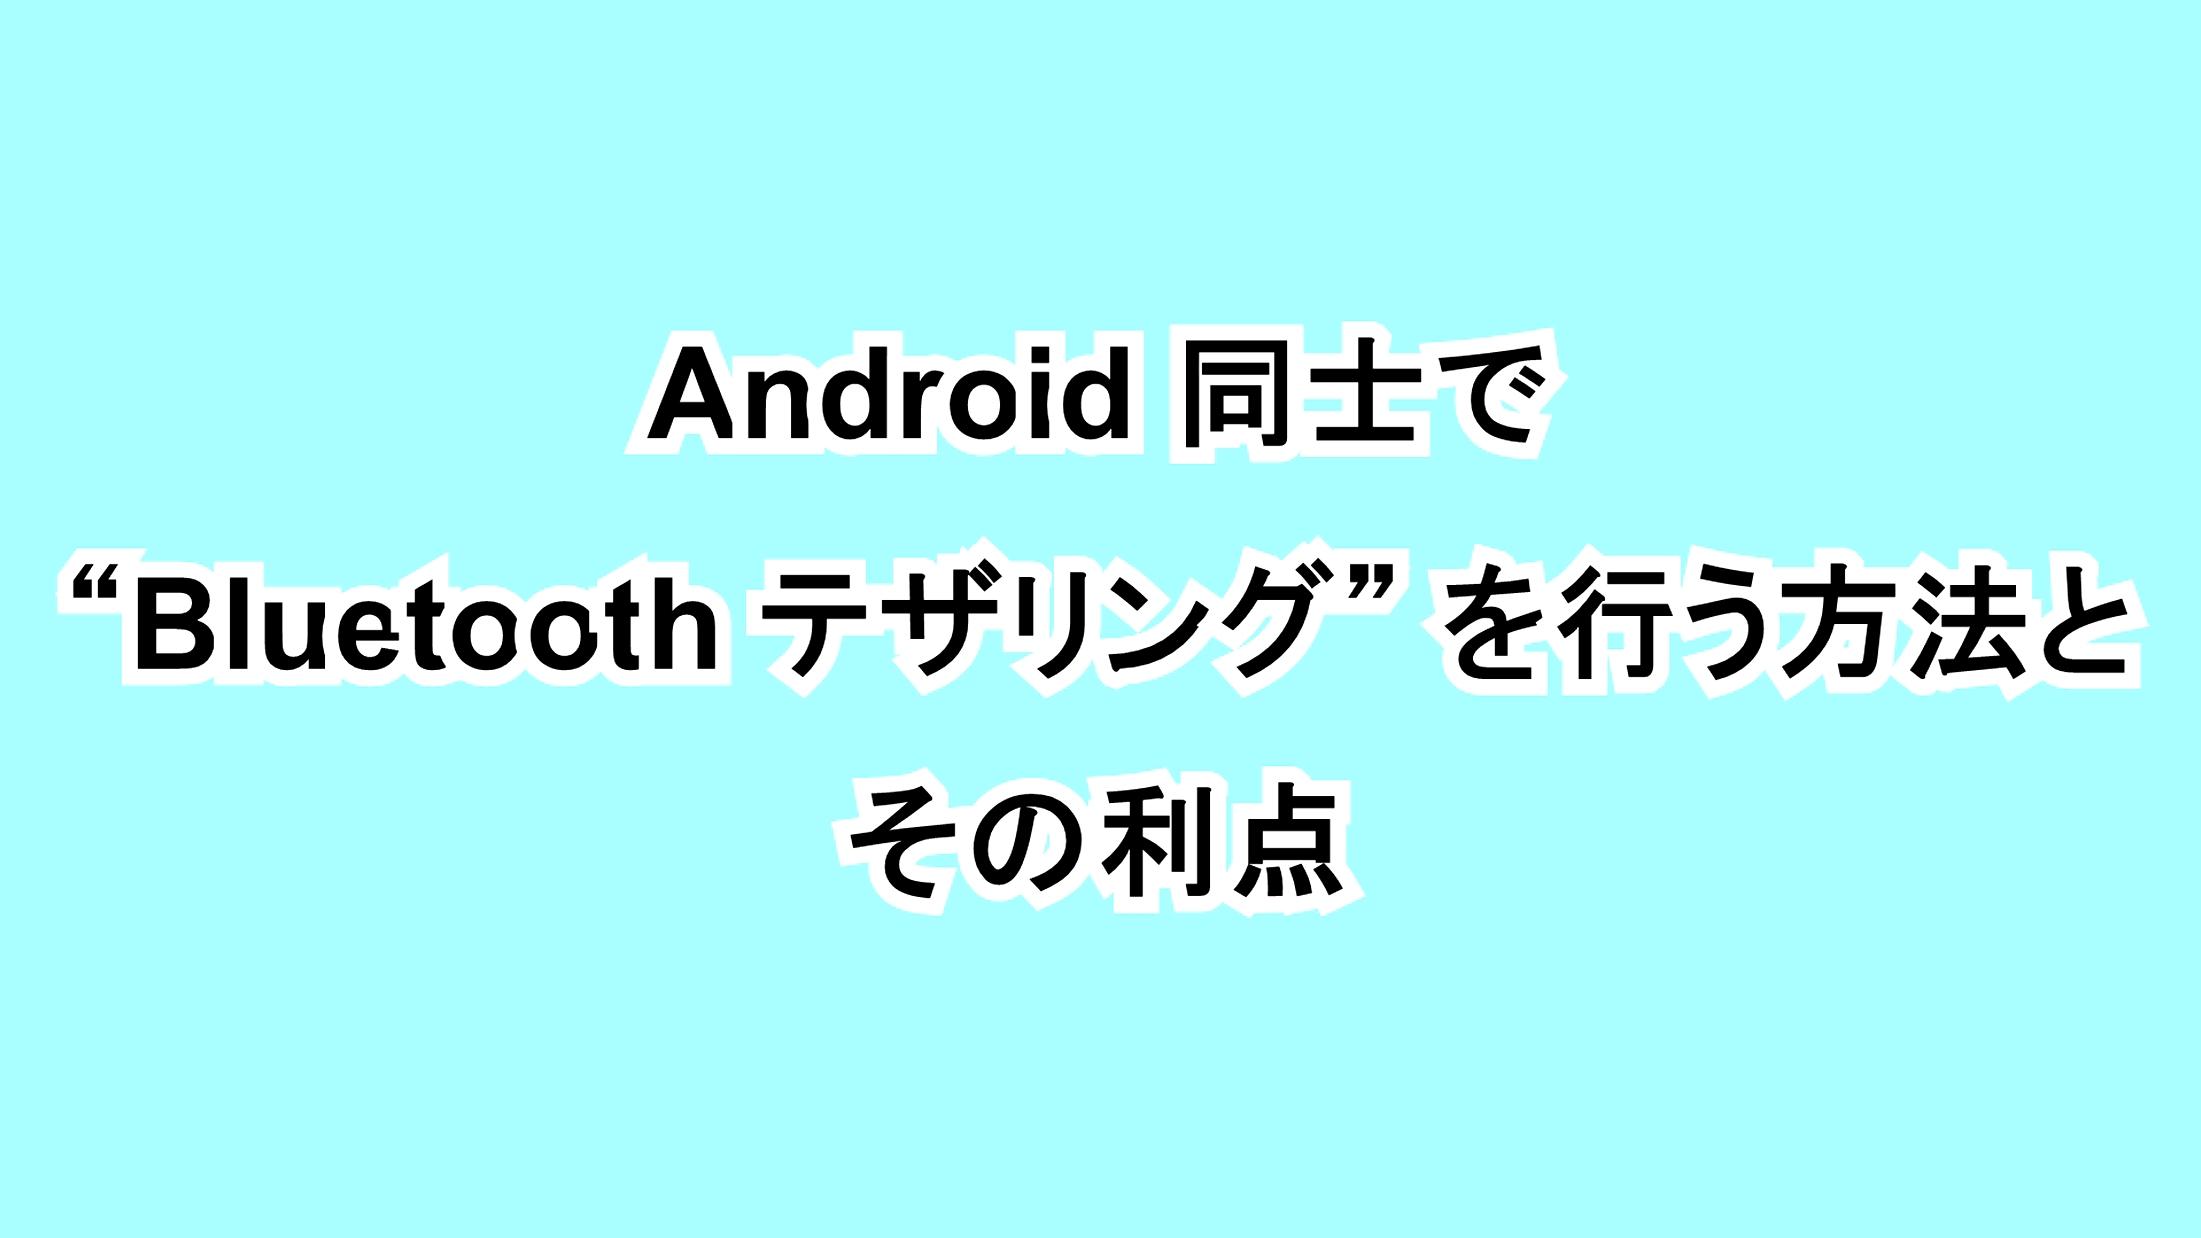 """Android同士で""""Bluetooth テザリング""""を行う方法とその利点"""